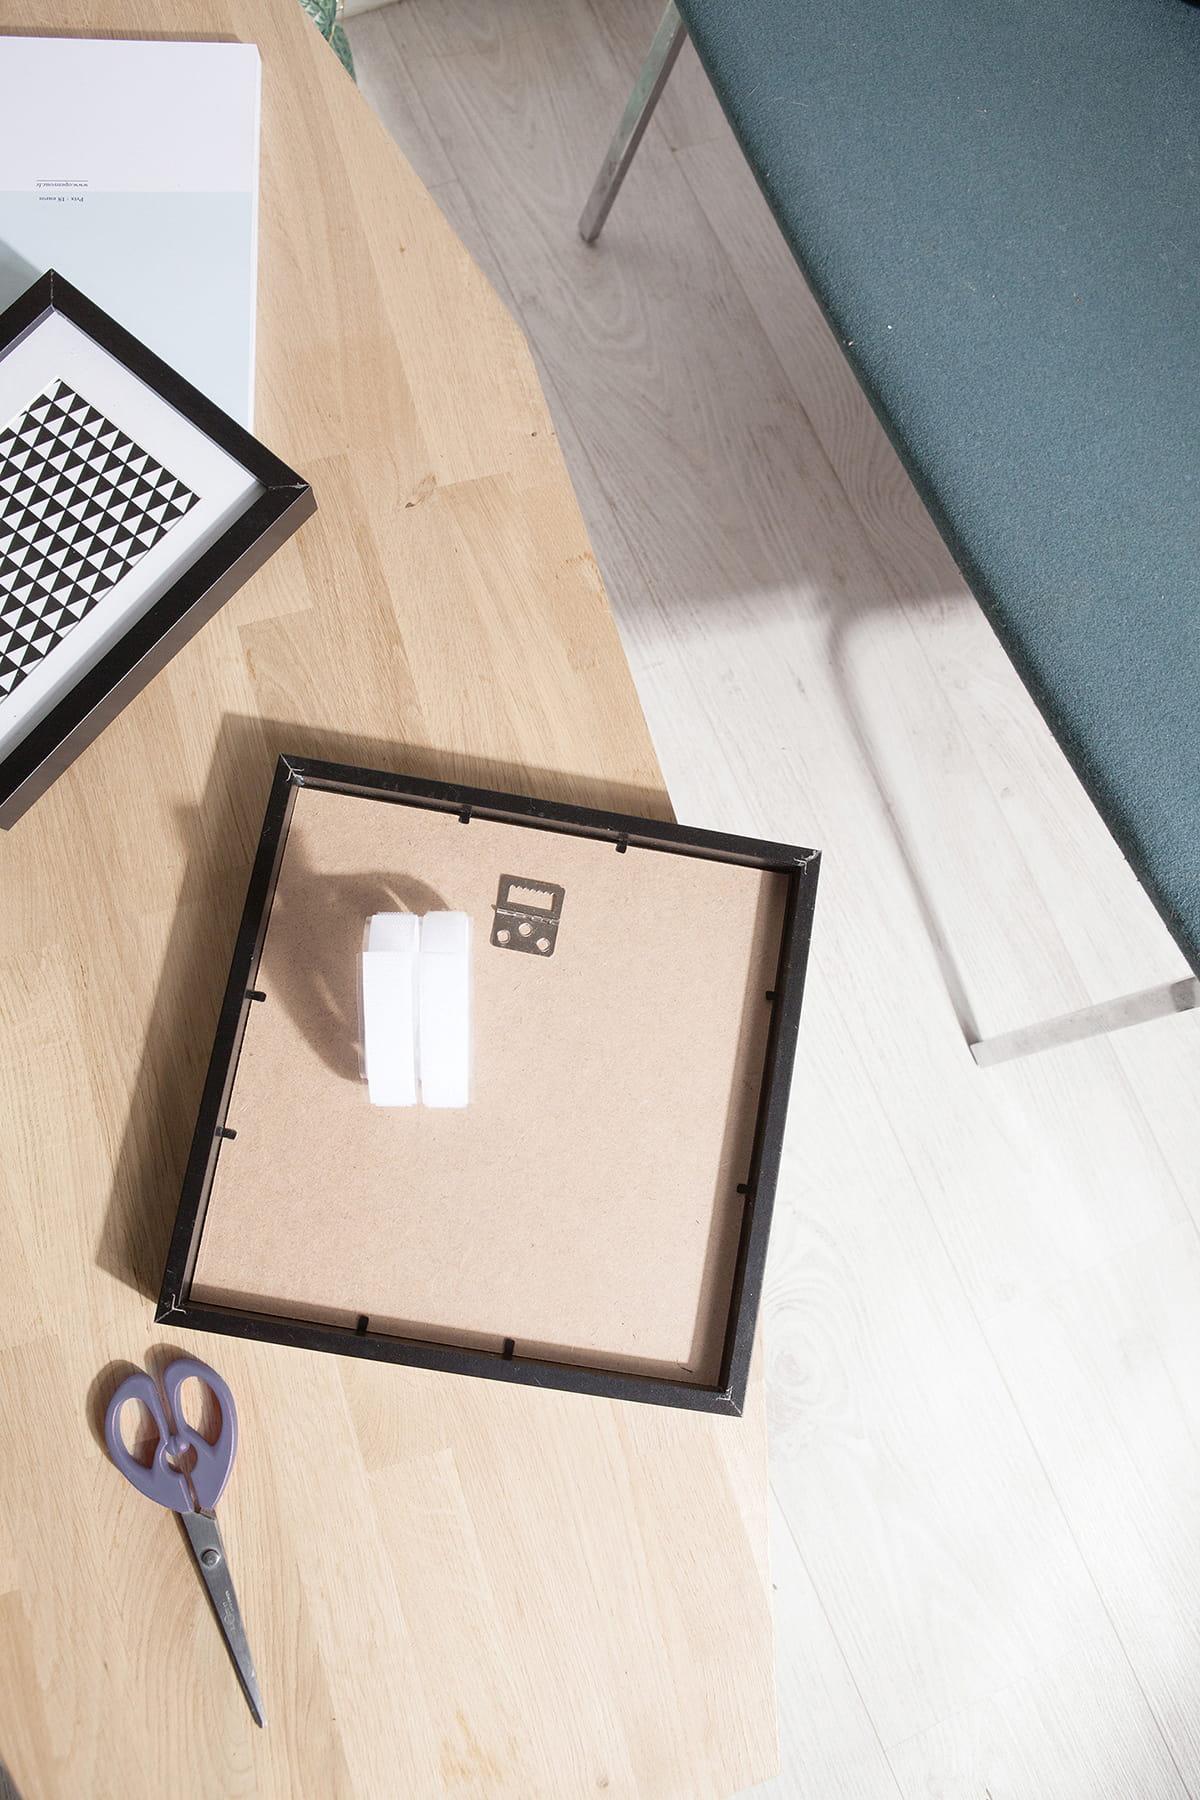 Accroche Mur Sans Trou 20 solutions pour fixer sans percer vos murs